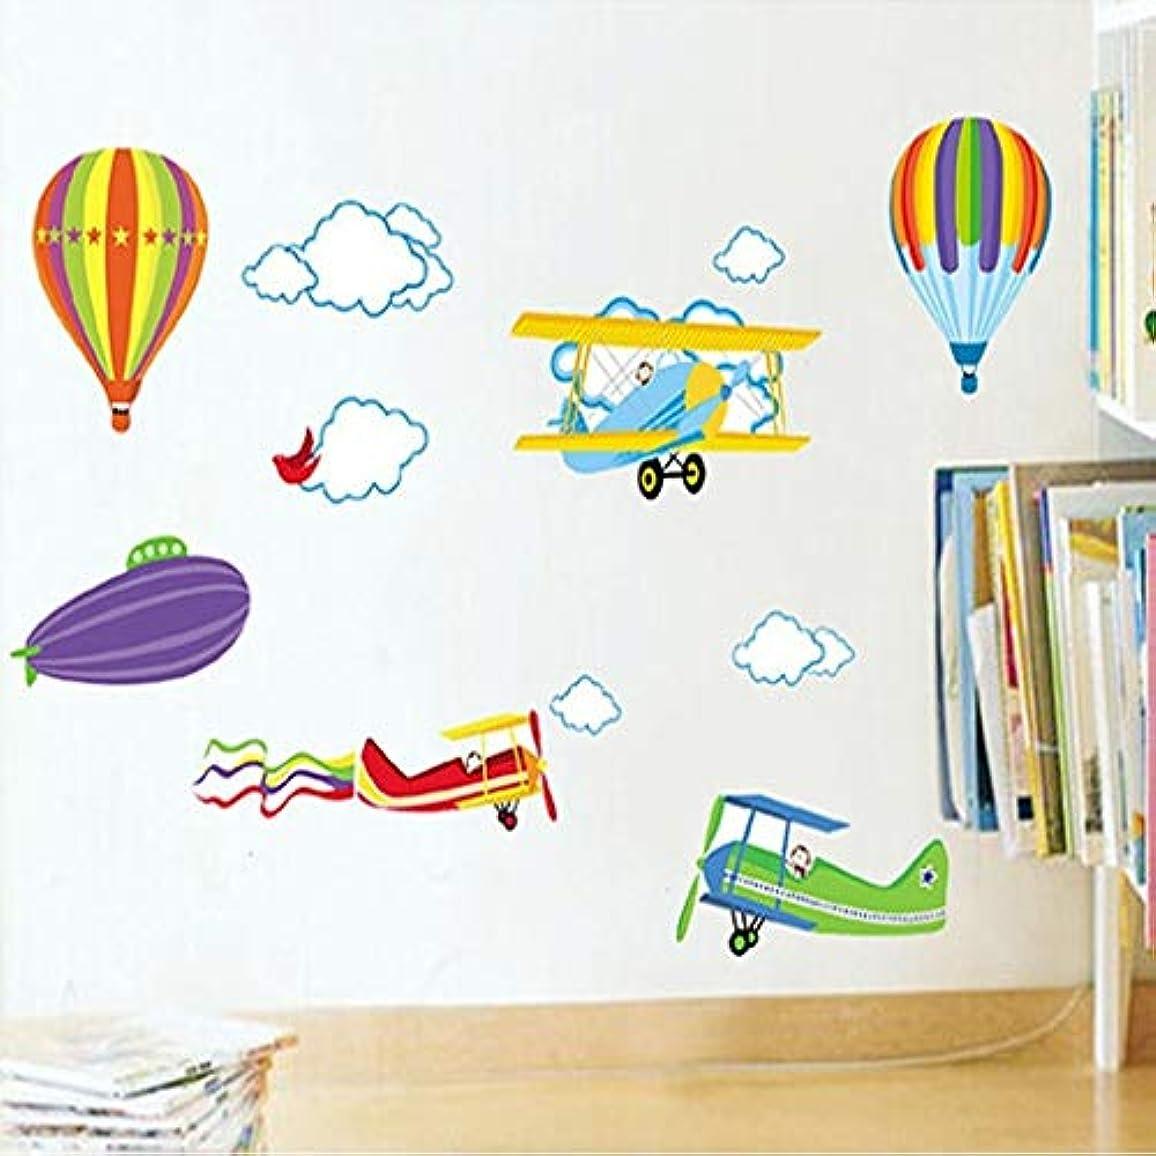 血統行き当たりばったり解決YSYYSH 子供の漫画の壁のステッカーベビールームの装飾取り外し可能な保育園の子供部屋の壁デカール航空機と熱気球 壁ステッカー壁画